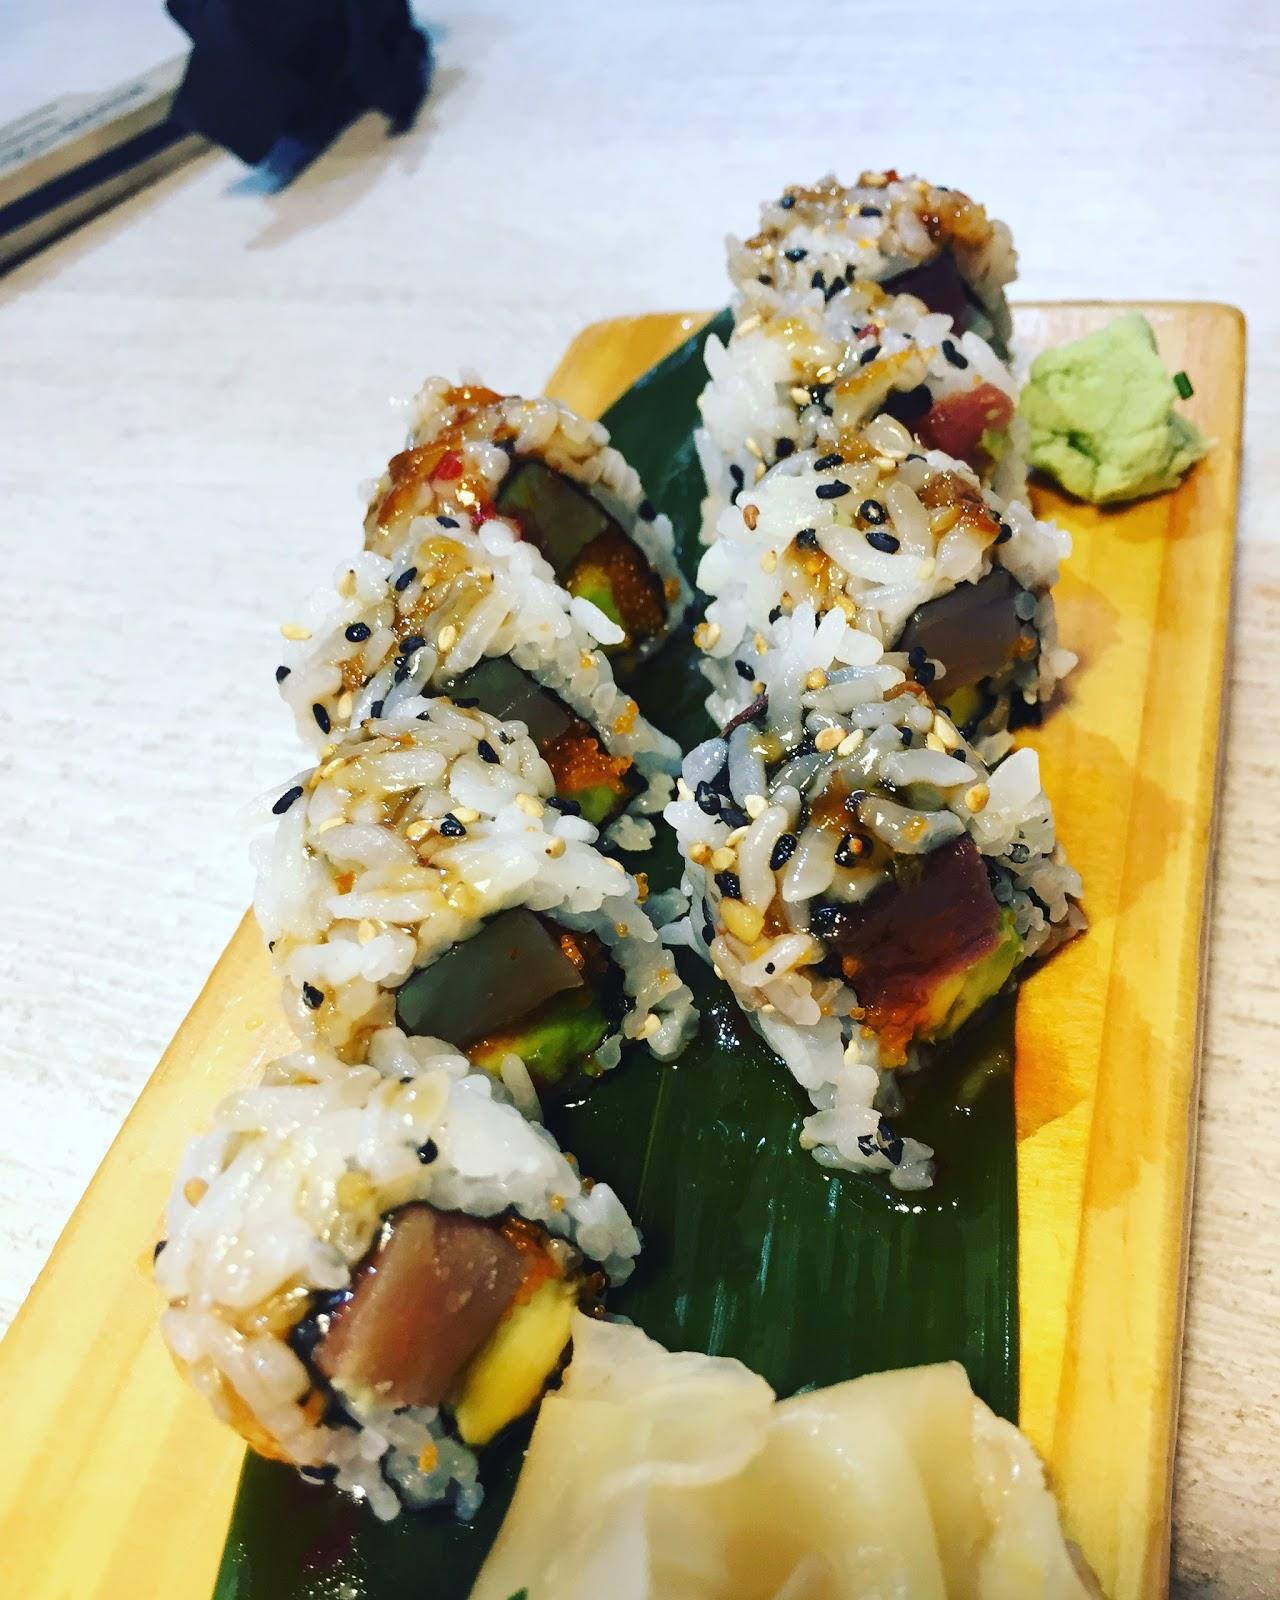 Arume Sushi Bar